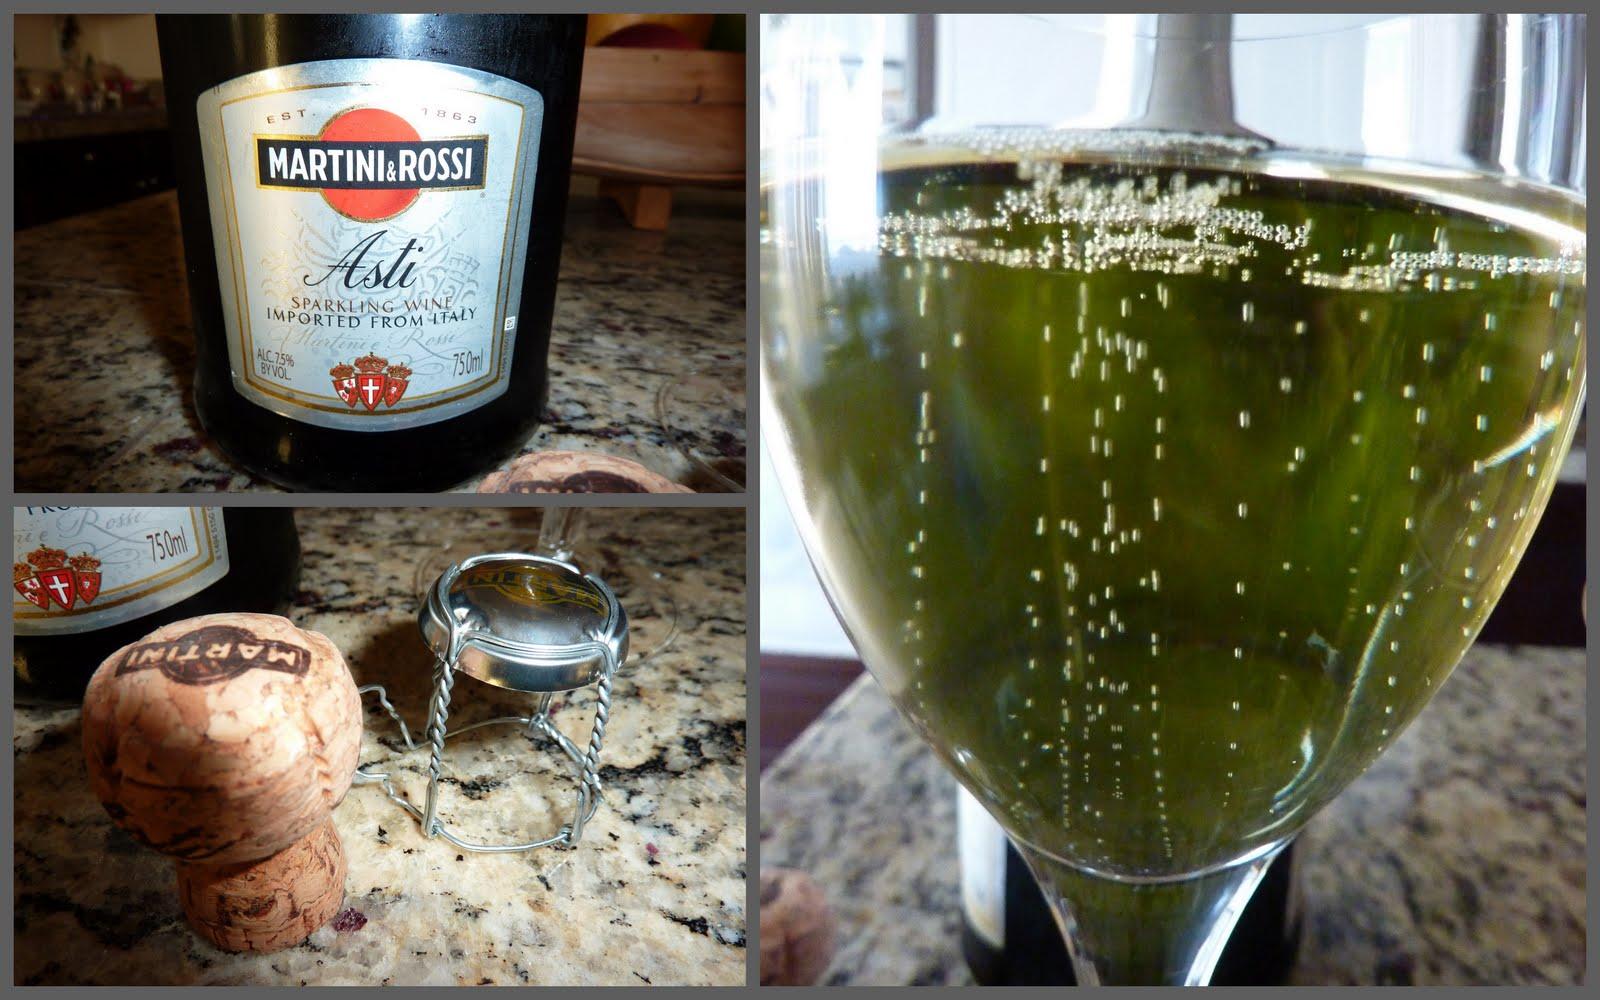 Champagne Martini Asti: description, reviews 86